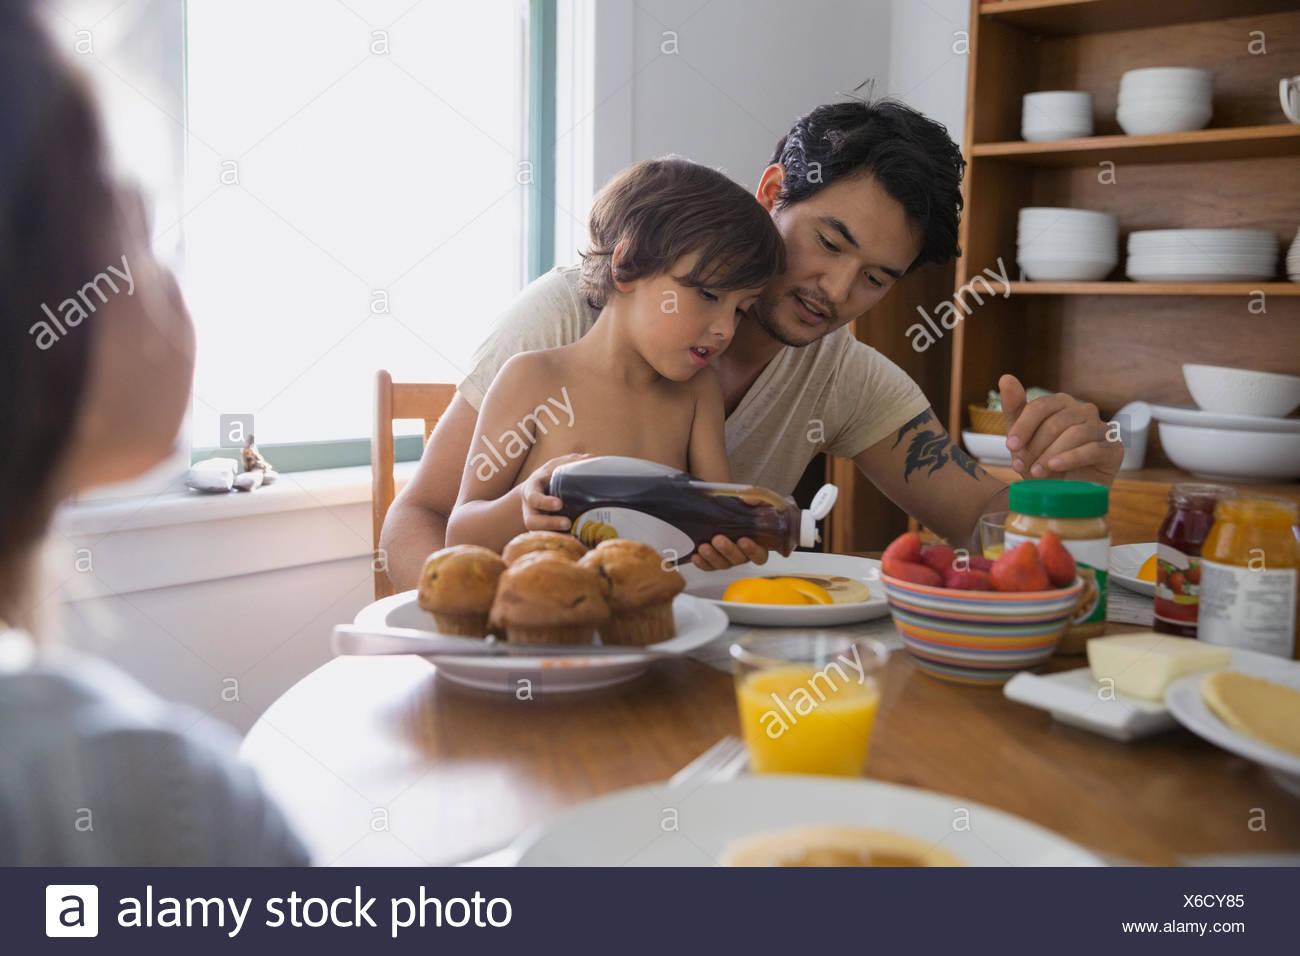 Vater Sohn Gießen Sirup auf Pfannkuchen beobachtete Stockbild